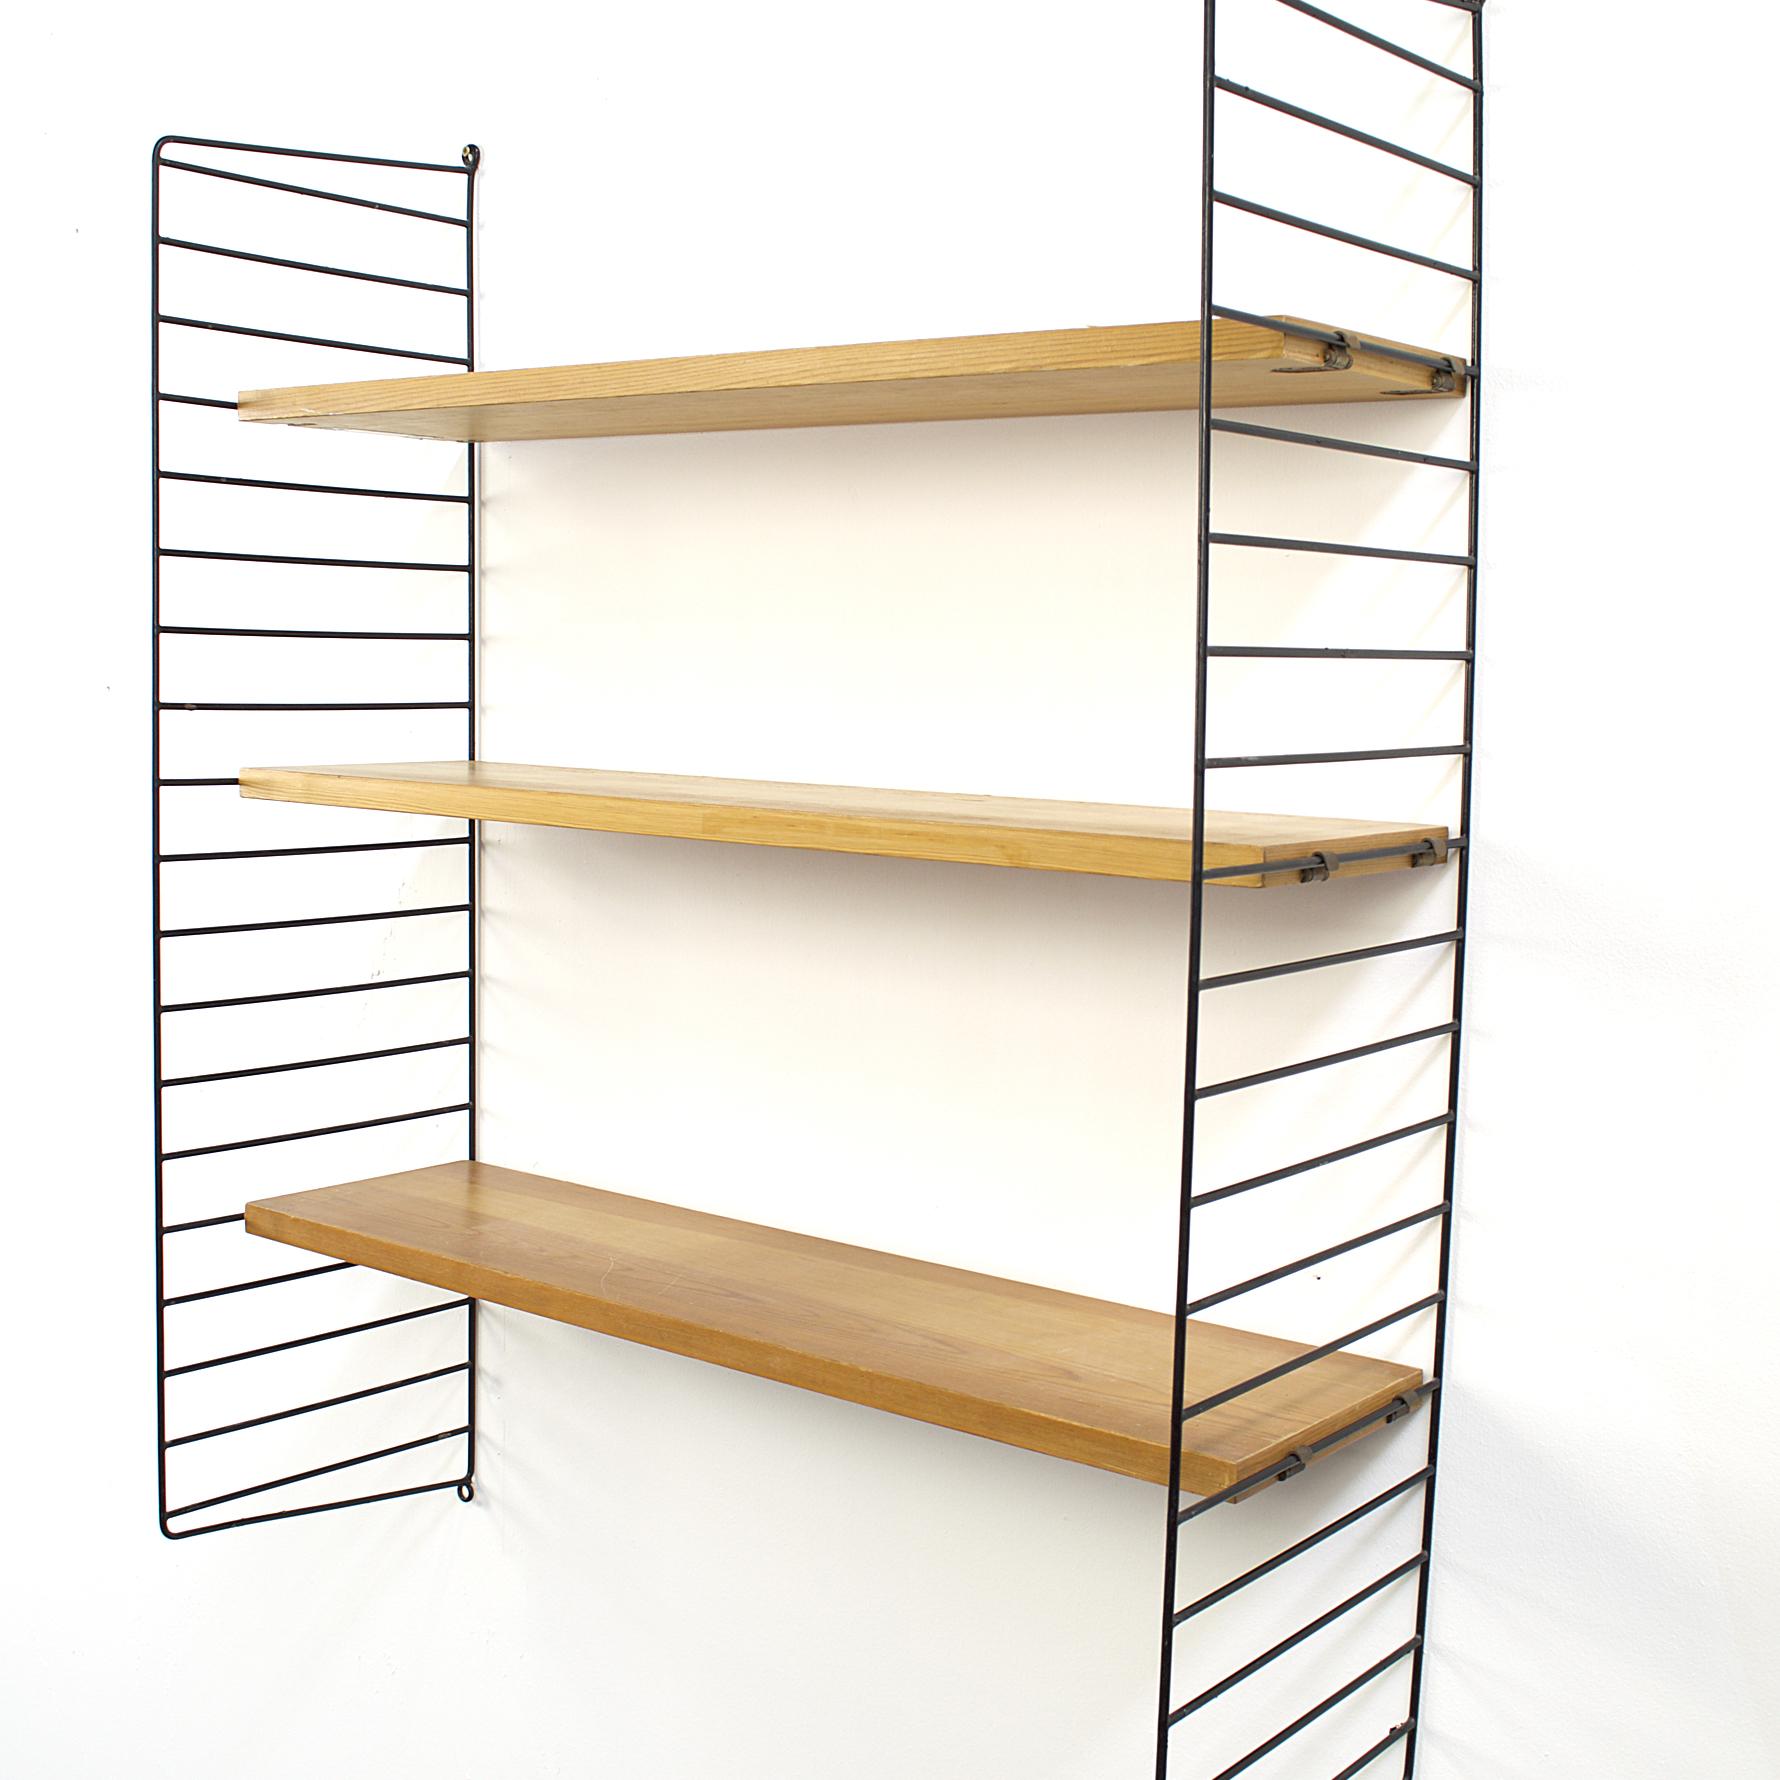 Nisse Strinning 60 s nisse string wall unit ladder shelf by nisse strinning barbmama